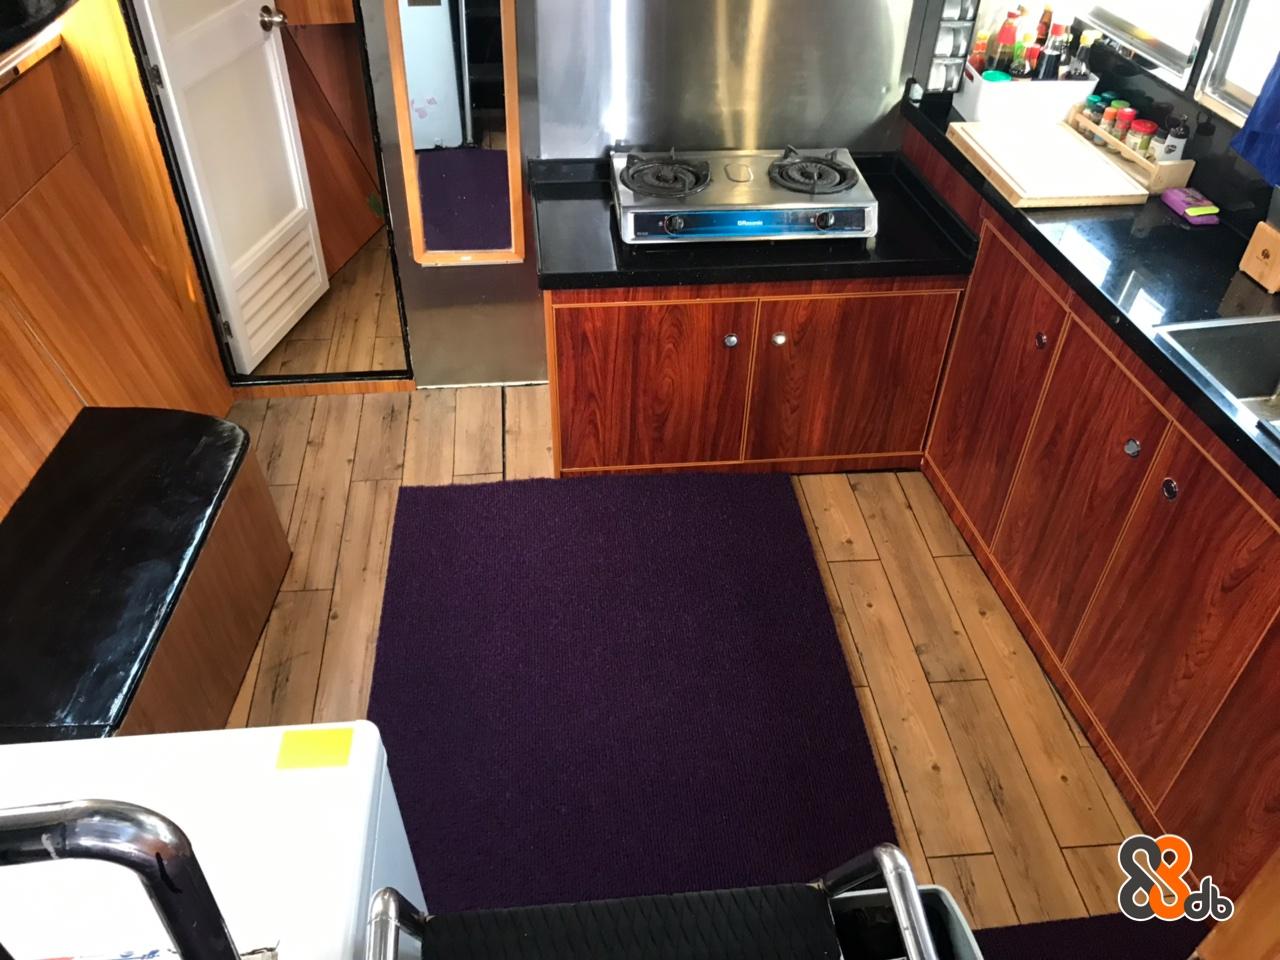 Floor,Room,Countertop,Flooring,Hardwood